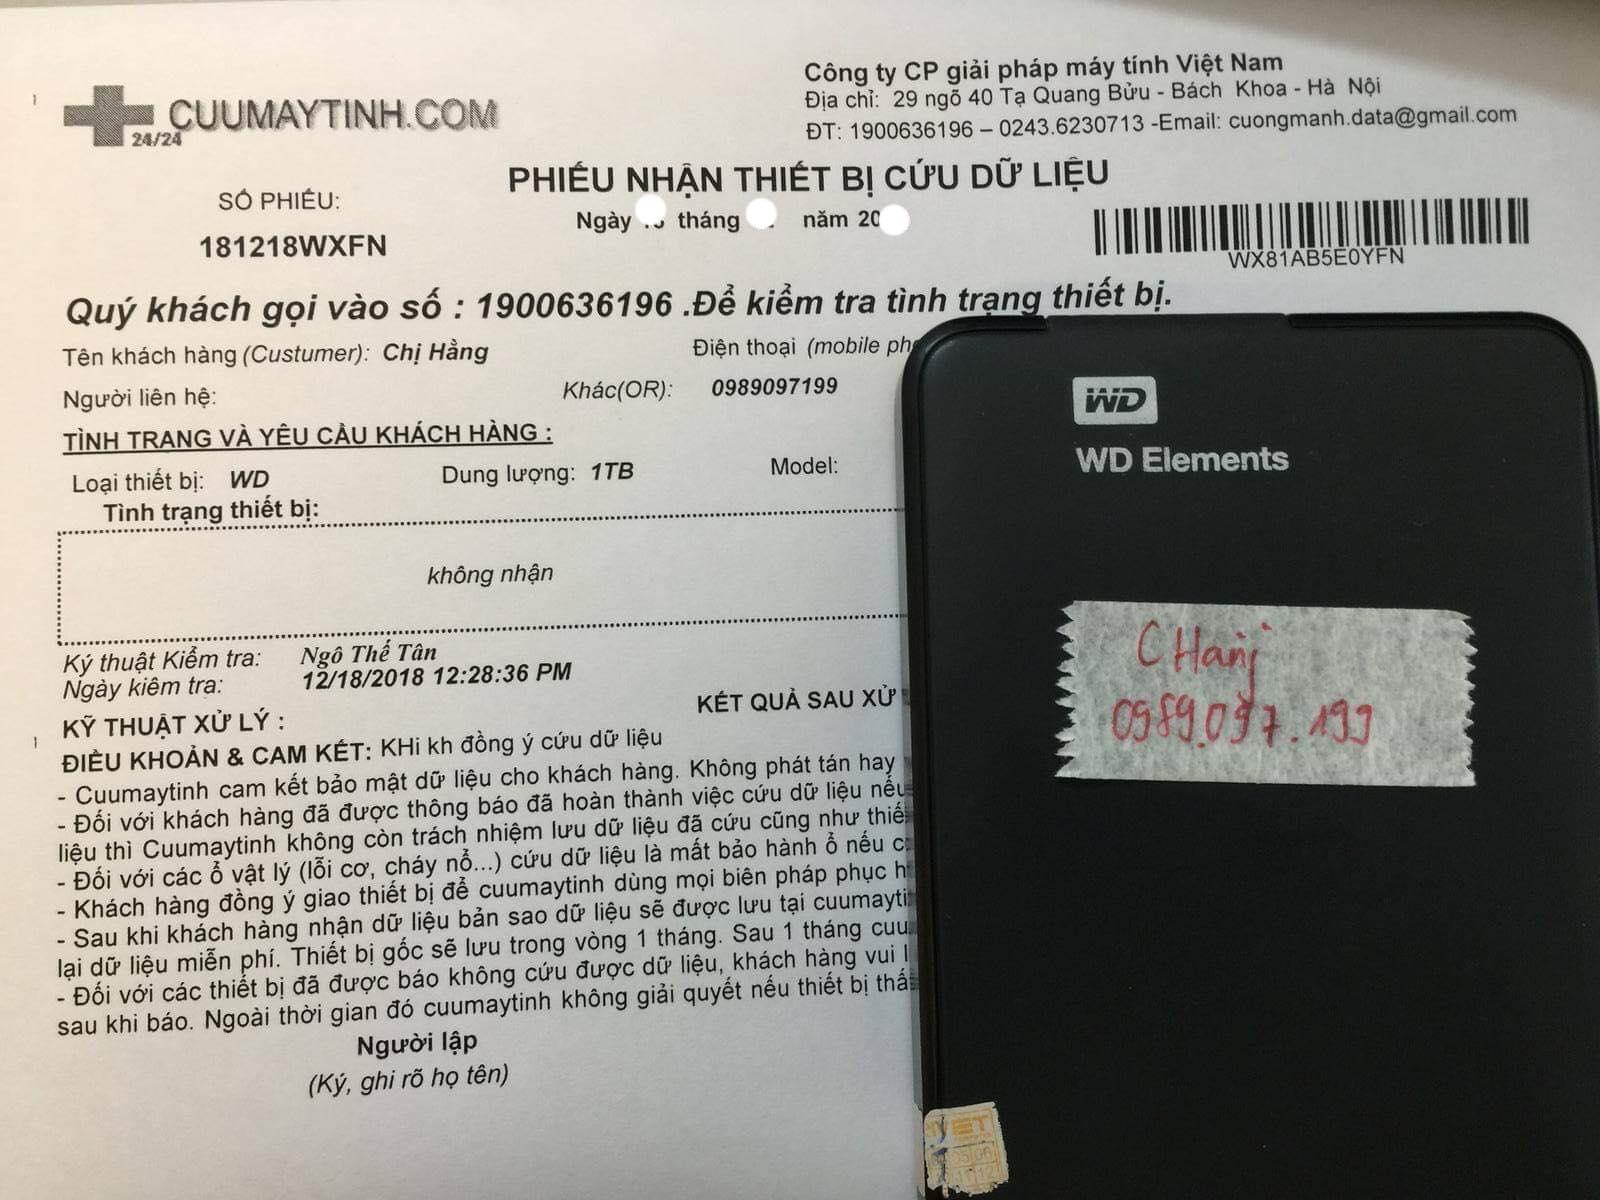 Cứu dữ liệu ổ cứng Western 1TB không nhận 21/01/2019 - cuumaytinh